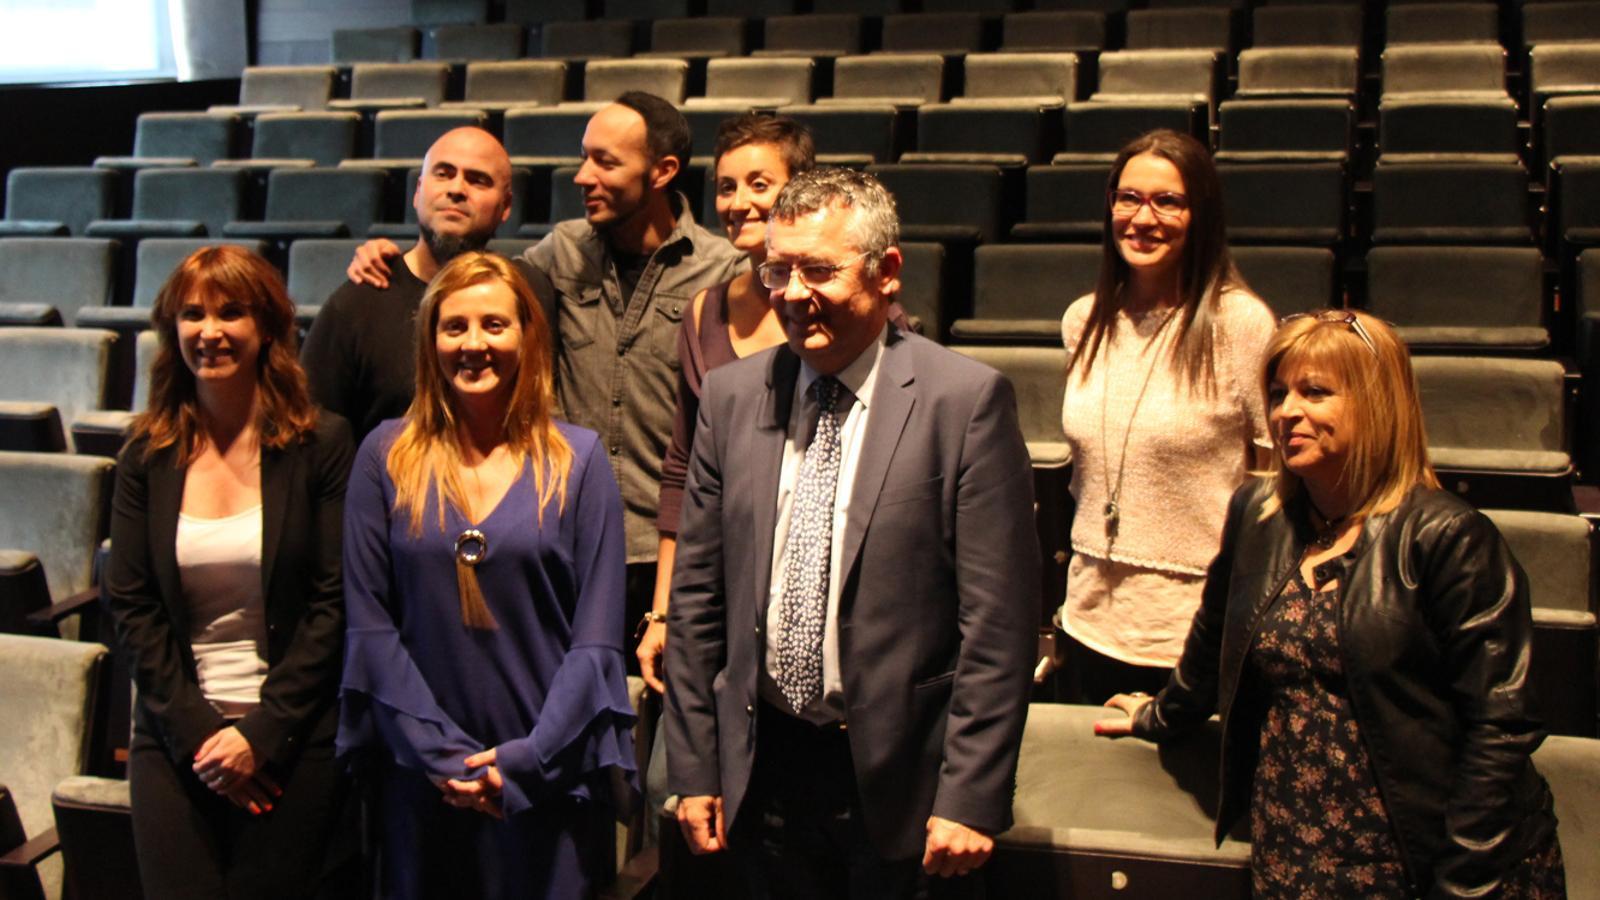 Els nous directors artístics, Mònica Vega, Alfons Casal i Joan Hernàndez, i els integrants de la plataforma ENA